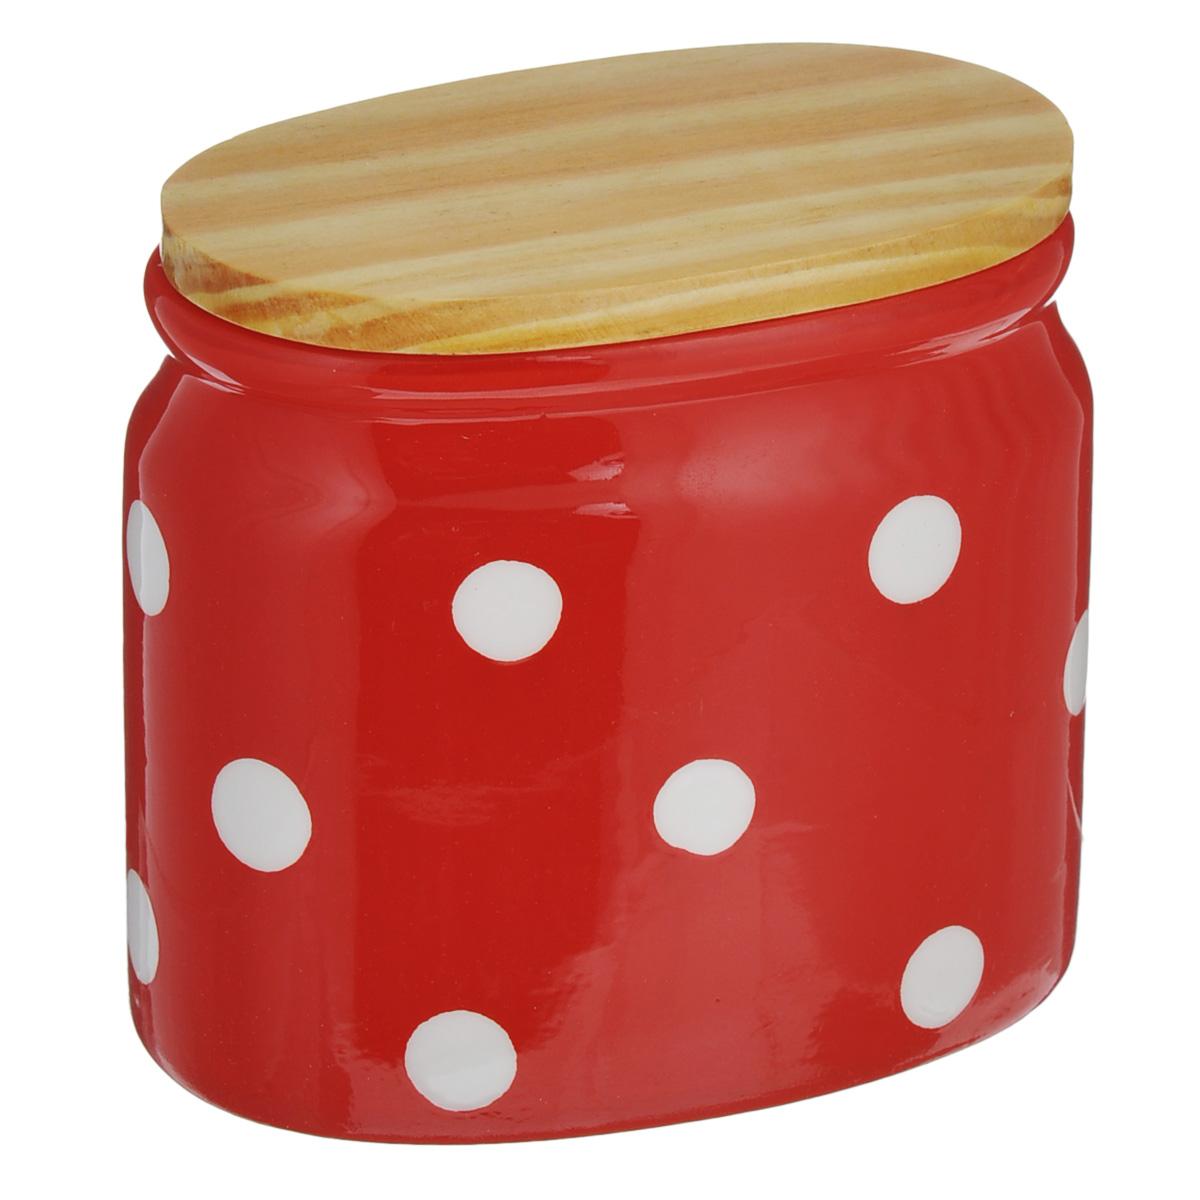 Банка для сыпучих продуктов Lillo, цвет: красный, 430 млYM 8735Банка для сыпучих продуктов Lillo изготовлена из высококачественной керамики. Банка декорирована принтом в горох и оснащена деревянной крышкой. Изделие предназначено для хранения различных сыпучих продуктов: круп, чая, сахара, орехов и многого другого. Функциональная и вместительная, такая банка станет незаменимым аксессуаром на любой кухне. Можно мыть в посудомоечной машине. Деревянную крышку рекомендуется мыть вручную.